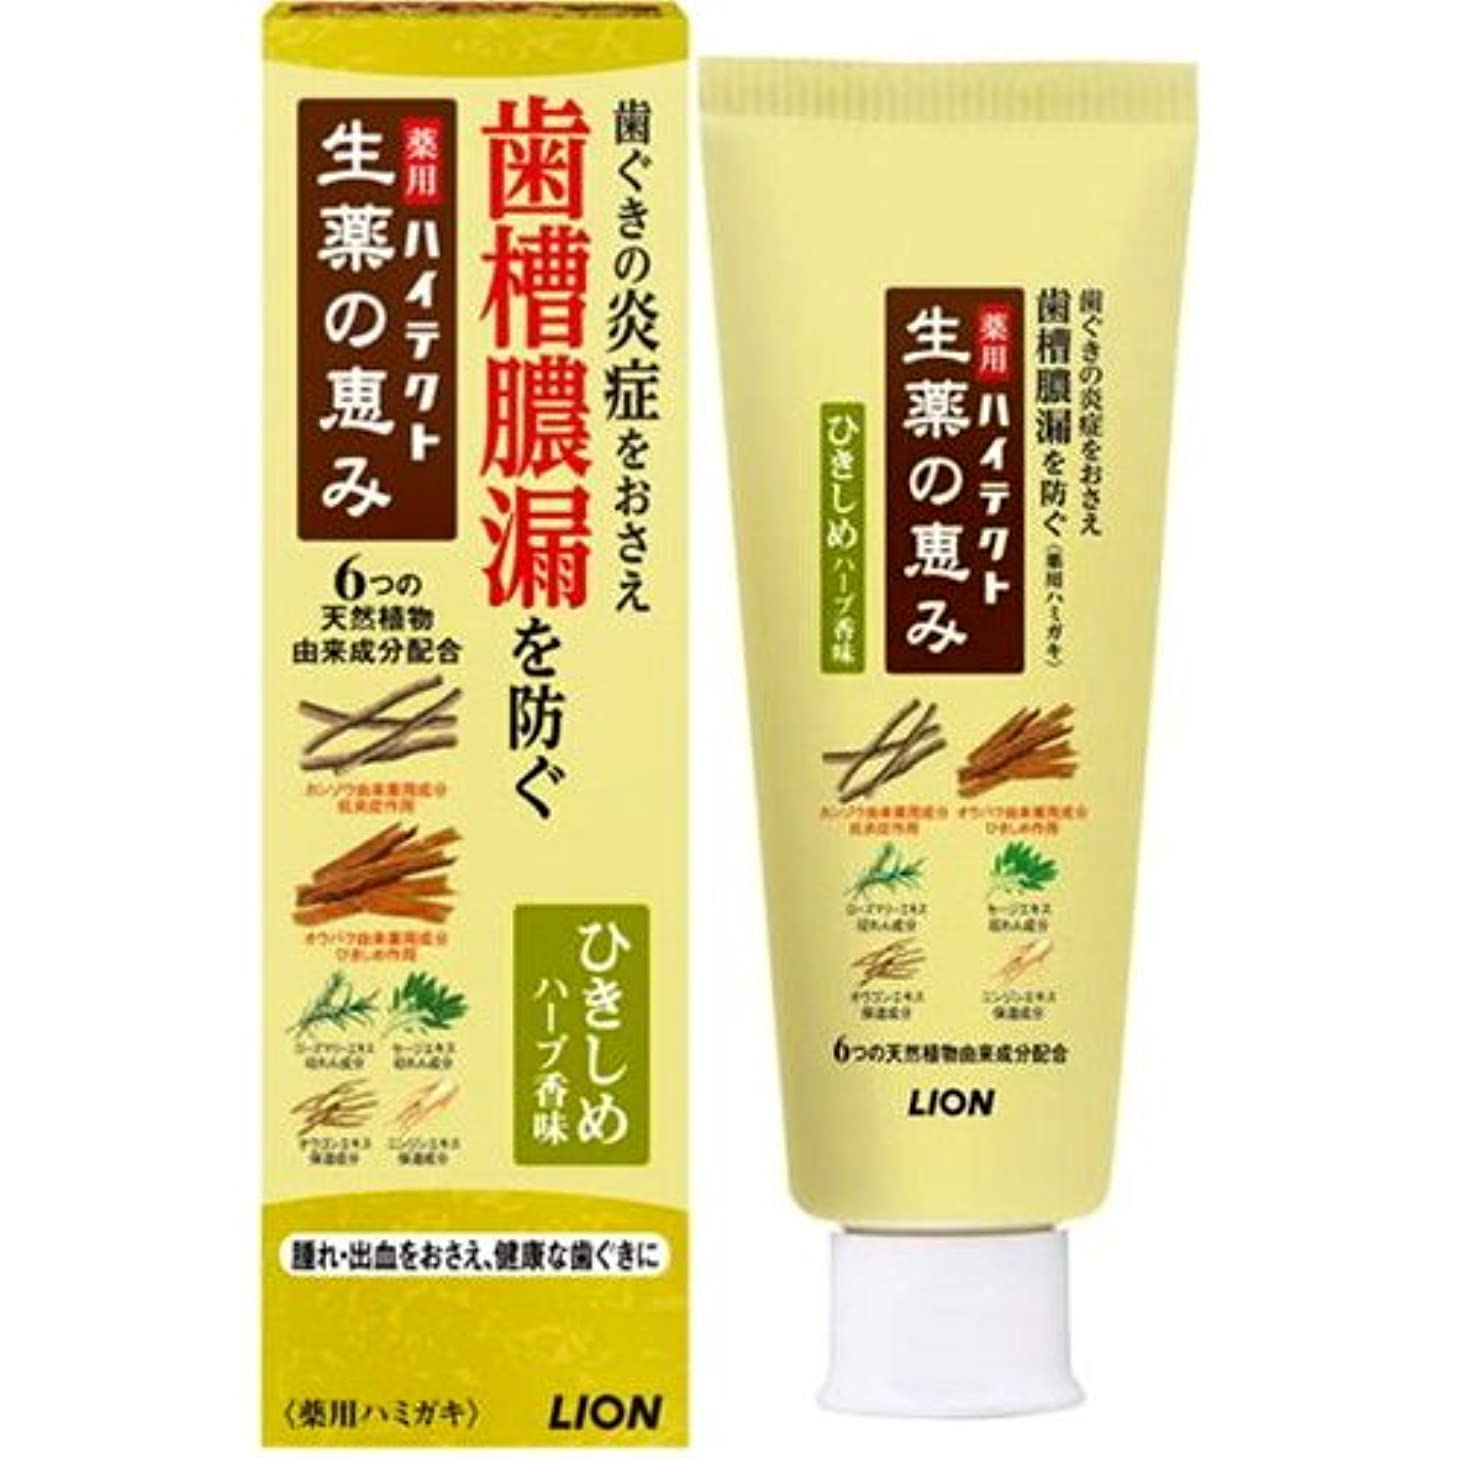 ステレオタイプ筋司法【ライオン】ハイテクト 生薬の恵み ひきしめハーブ香味 90g ×3個セット